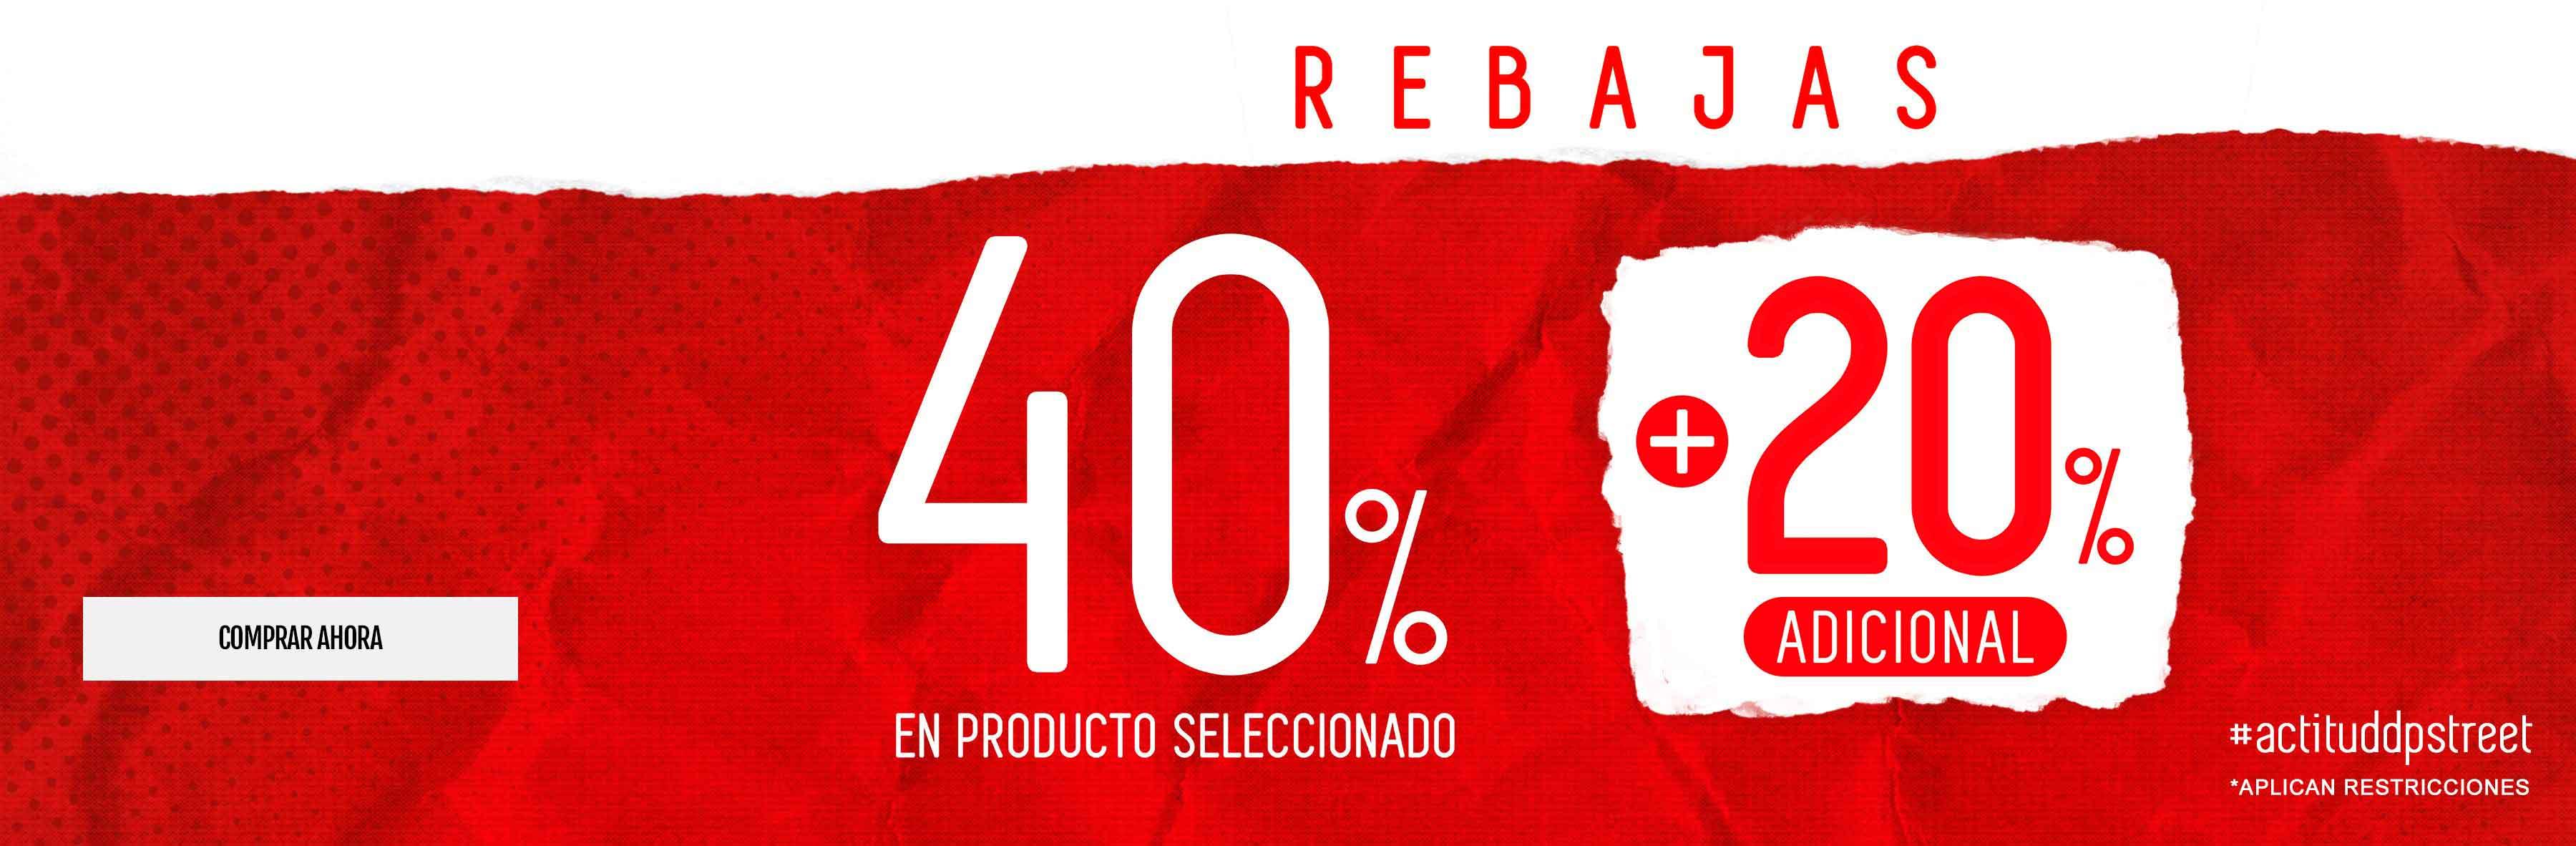 20% de descuento adicional a producto con 40% de descuento